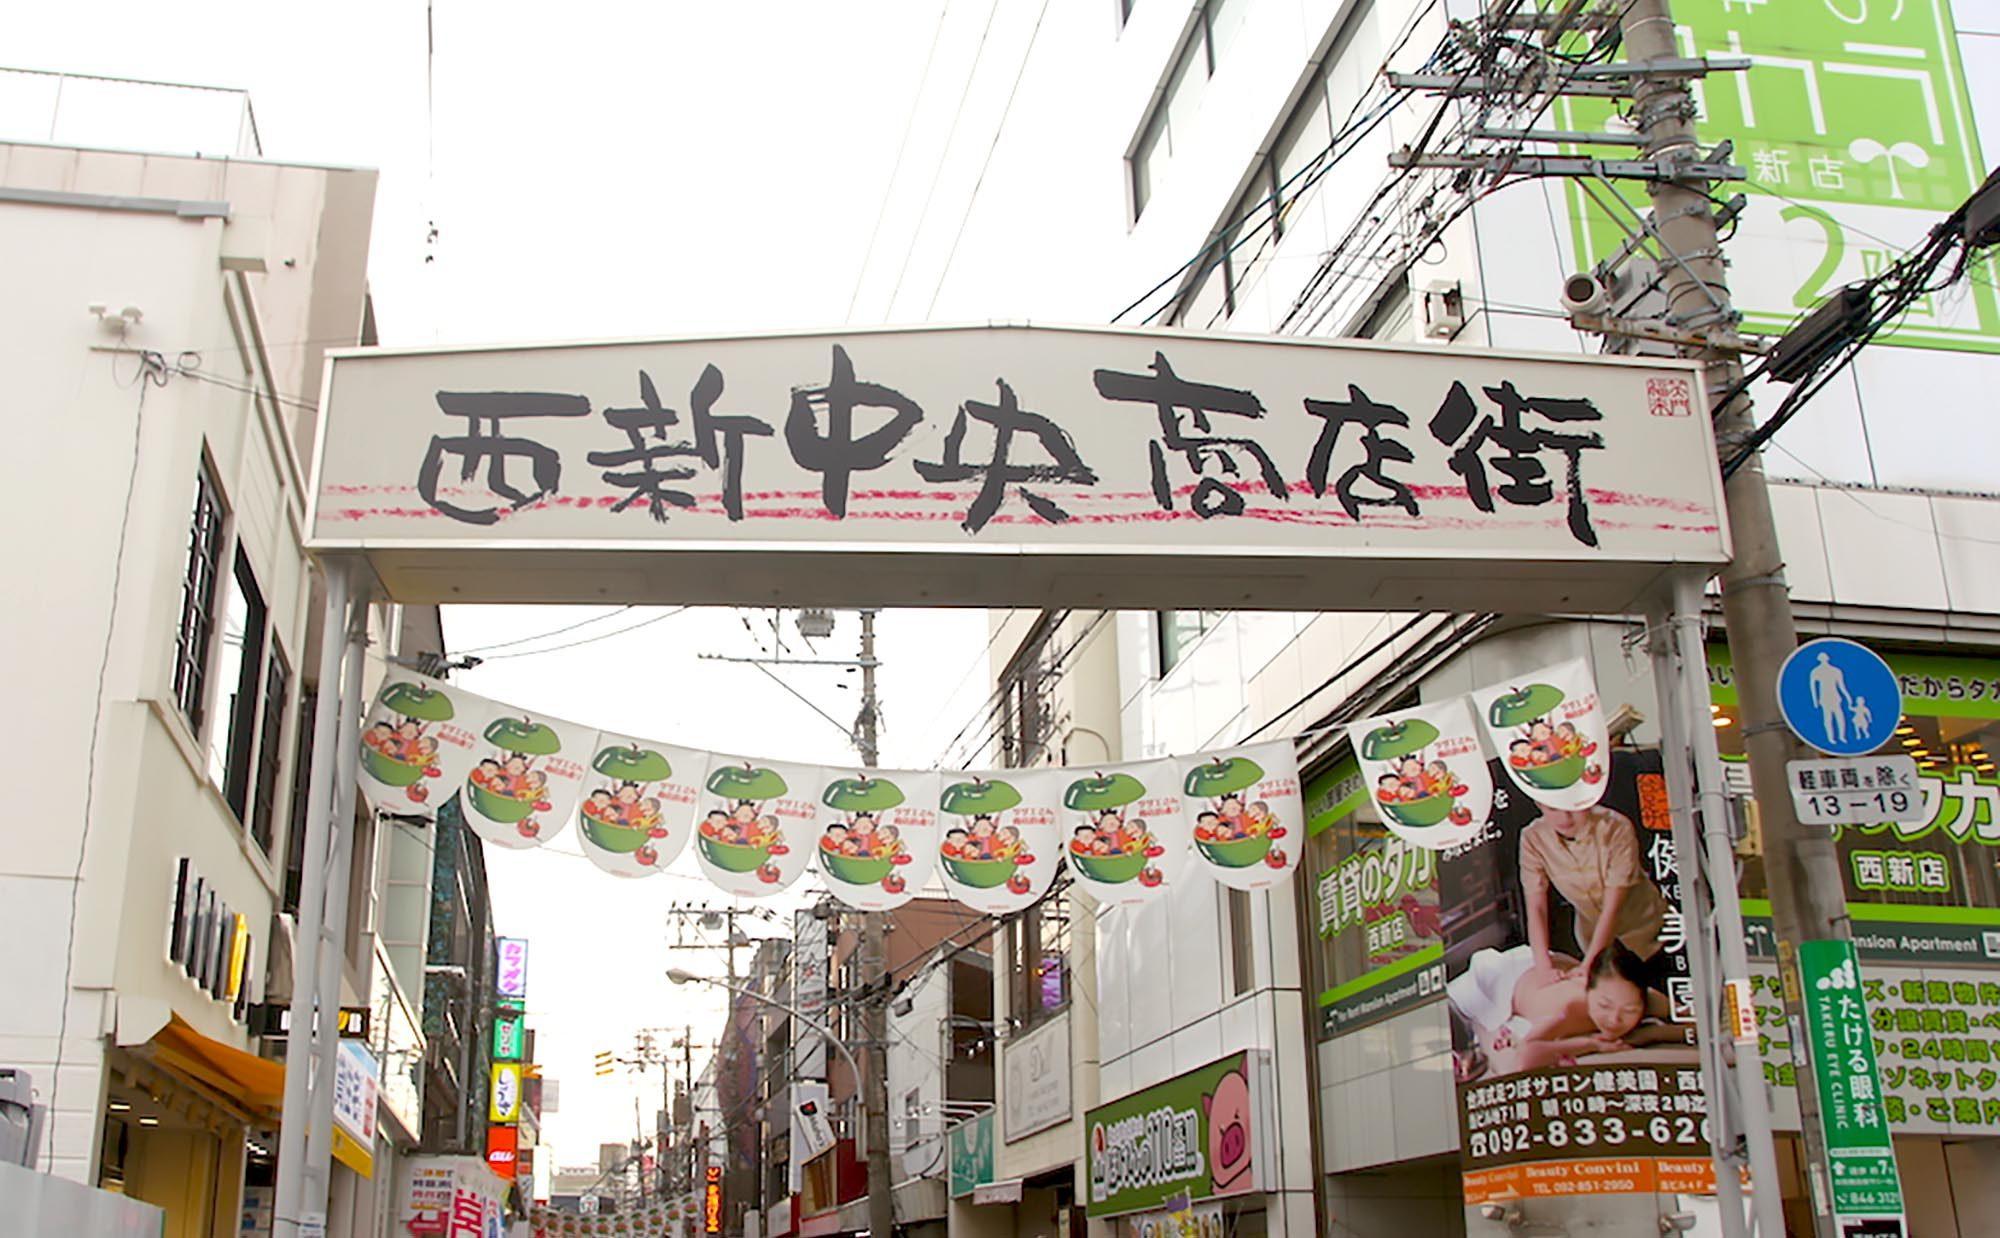 福岡の思い出の街。多様な世代が行き交う、西新商店街に暮らす